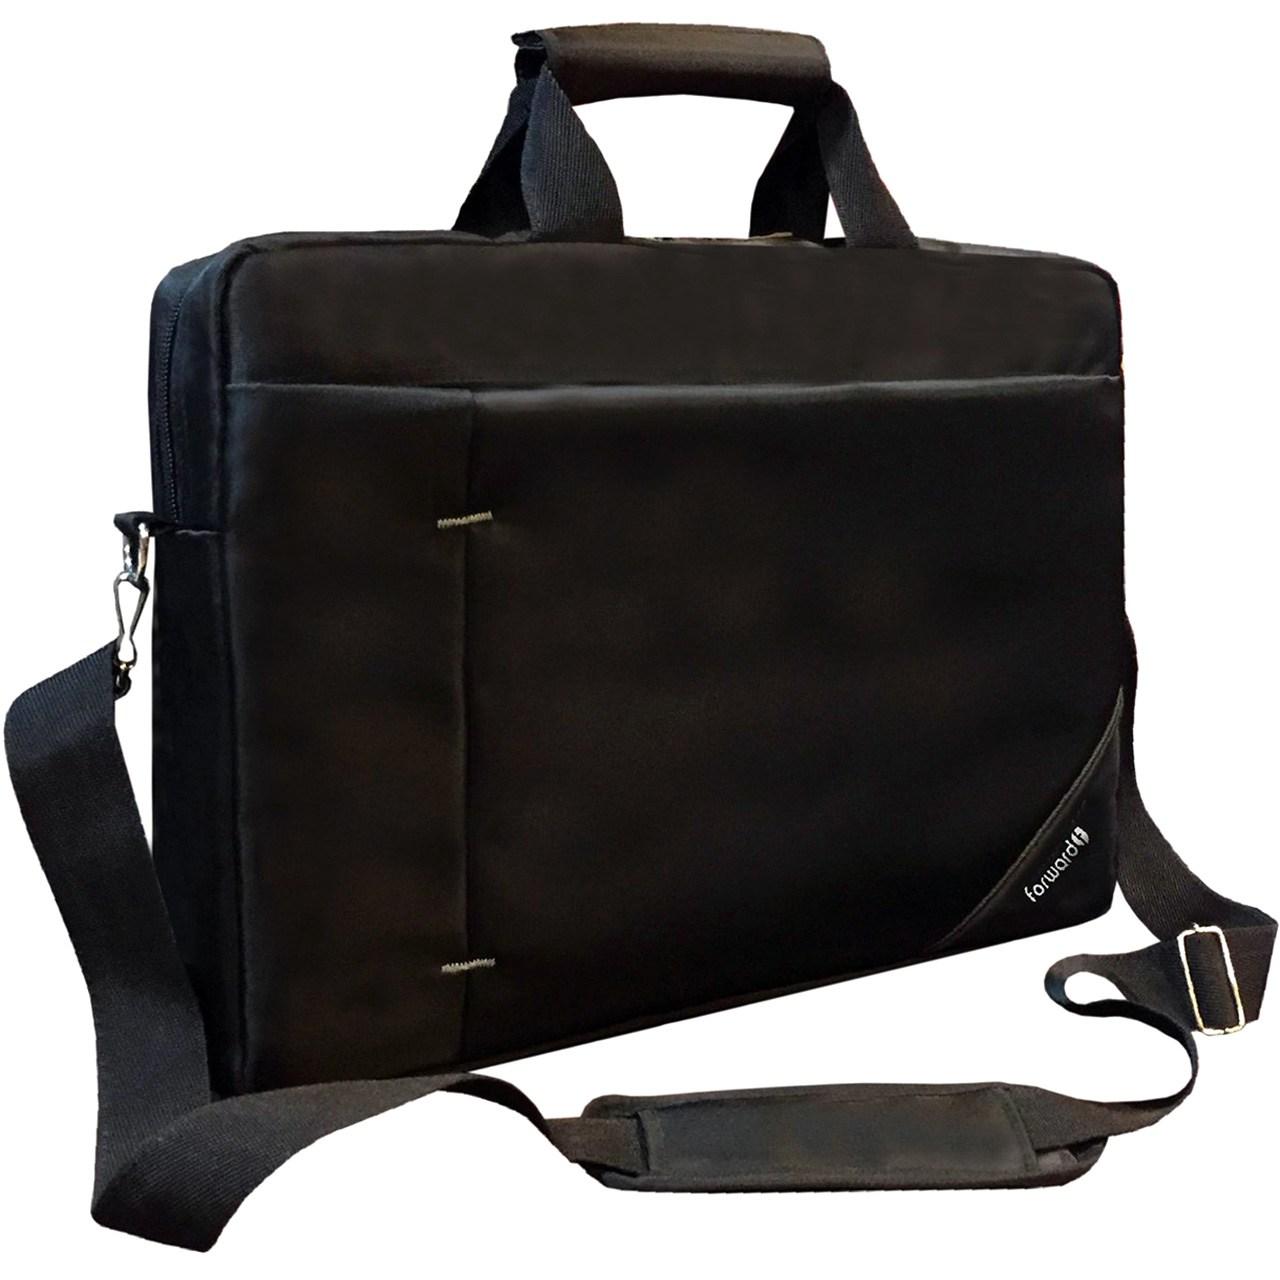 کیف لپ تاپ فوروارد مدل FCLT2020 مناسب برای لپ تاپ های ۱۵٫۶ تا ۱۶٫۴ اینچی